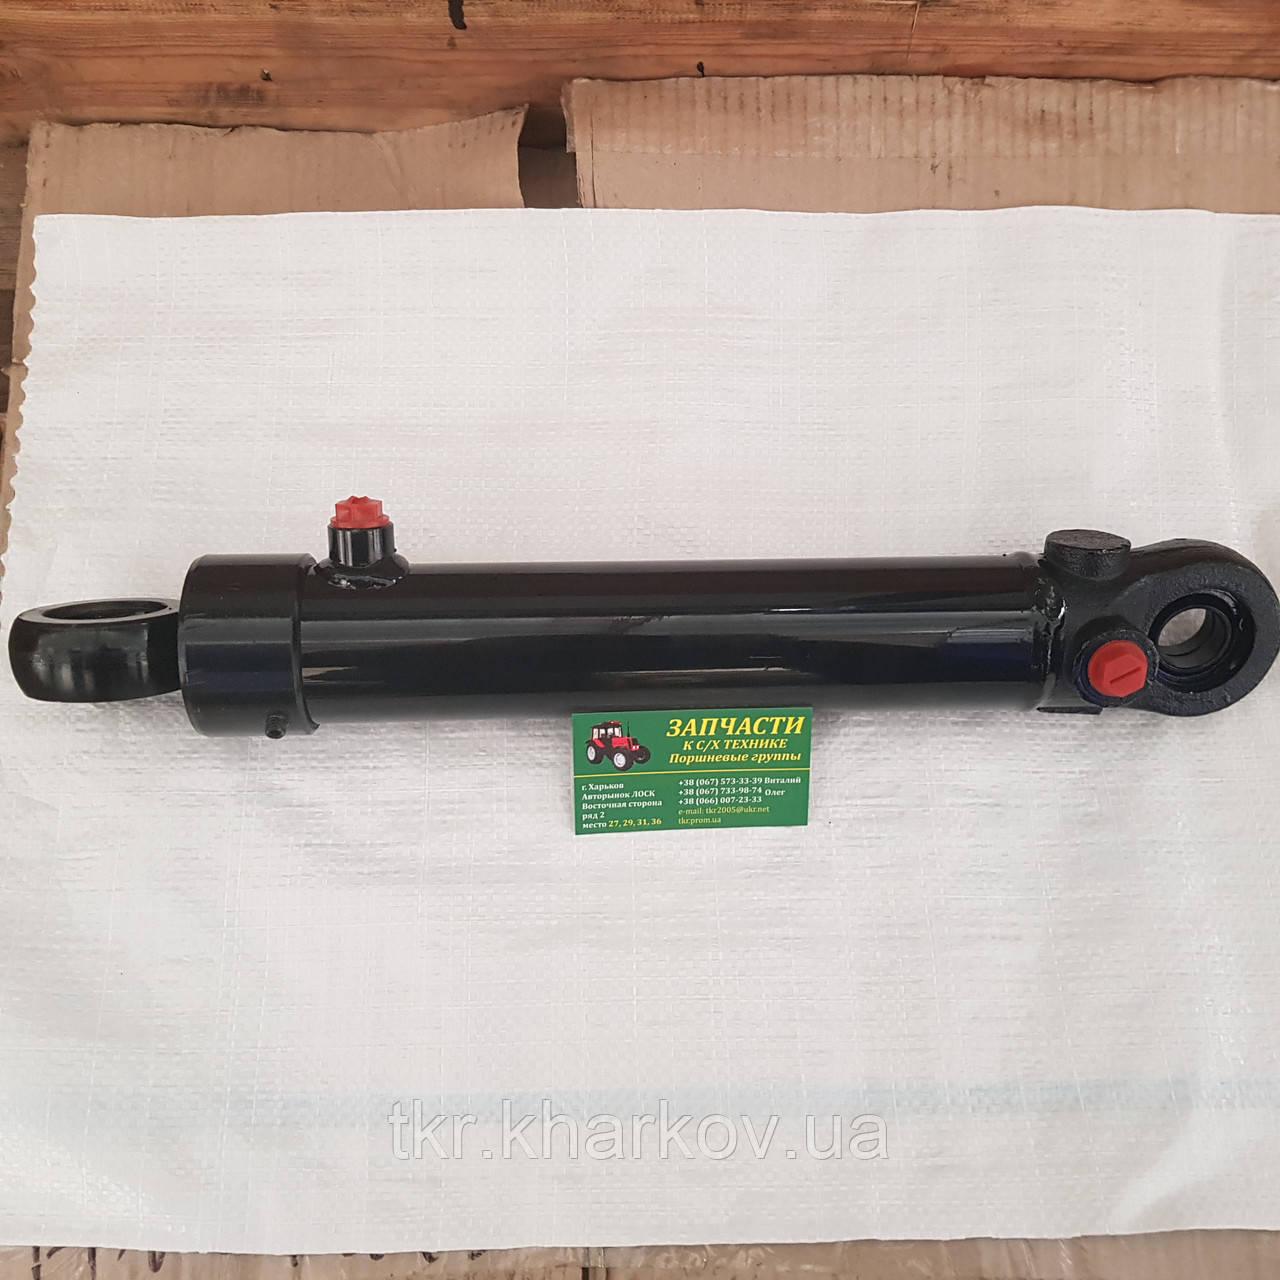 Гидроцилиндр рулевой МТЗ,ЮМЗ, Ц50-3405215А (без пальцев) МТЗ-80, МТЗ-82